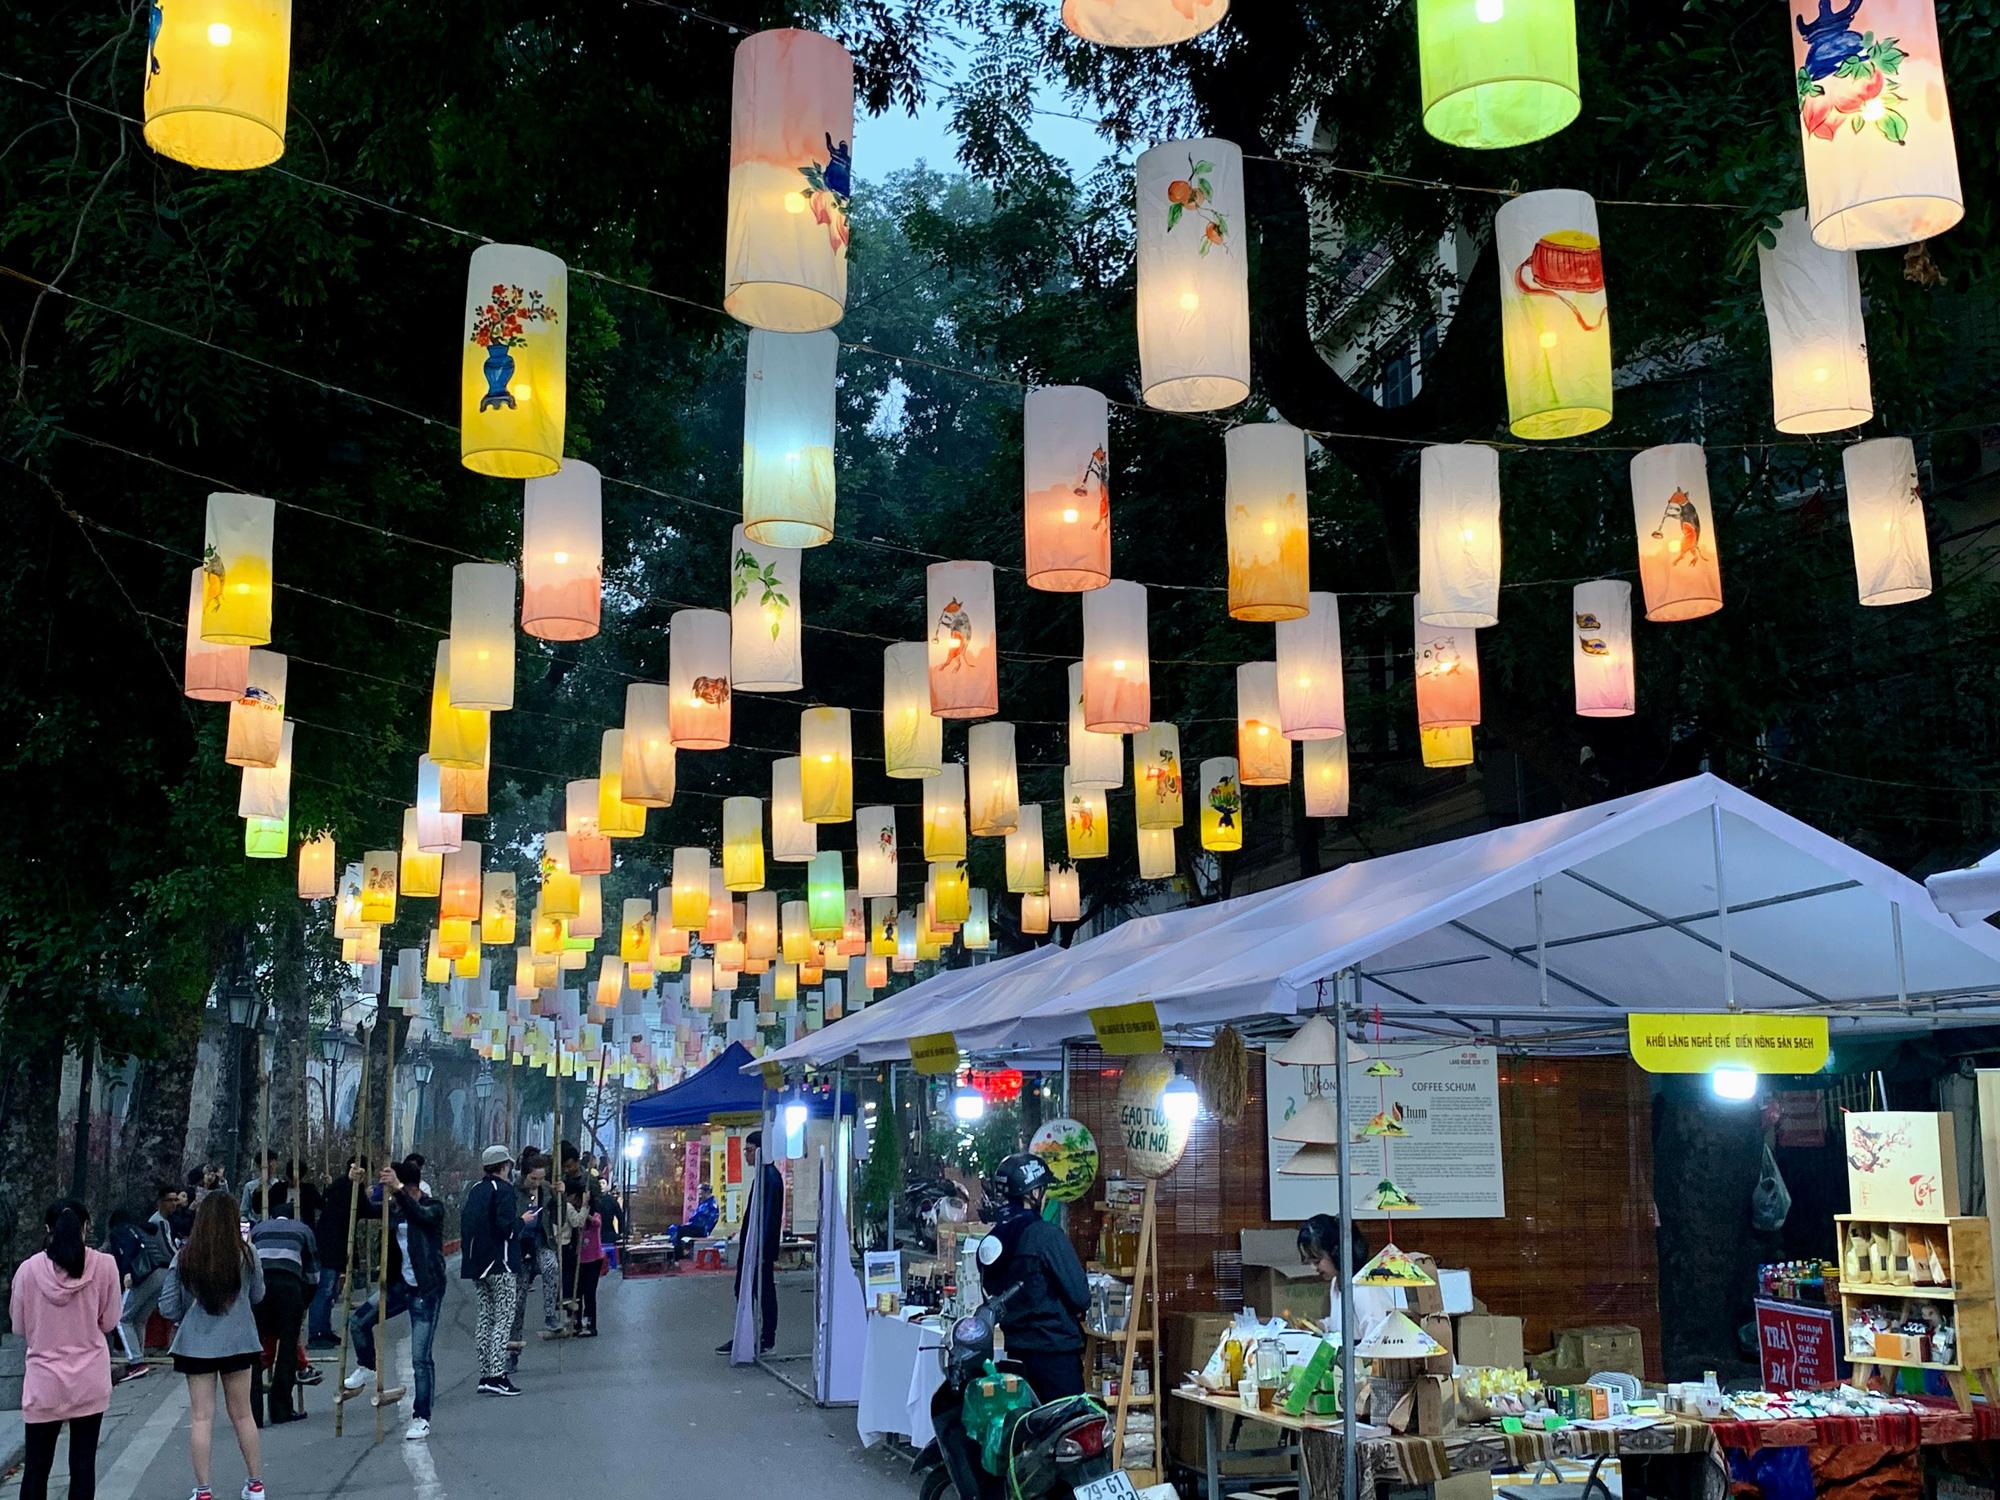 Chiều cuối năm, đột nhập chợ hoa xuân xem người Hà Nội sắm Tết - Ảnh 14.